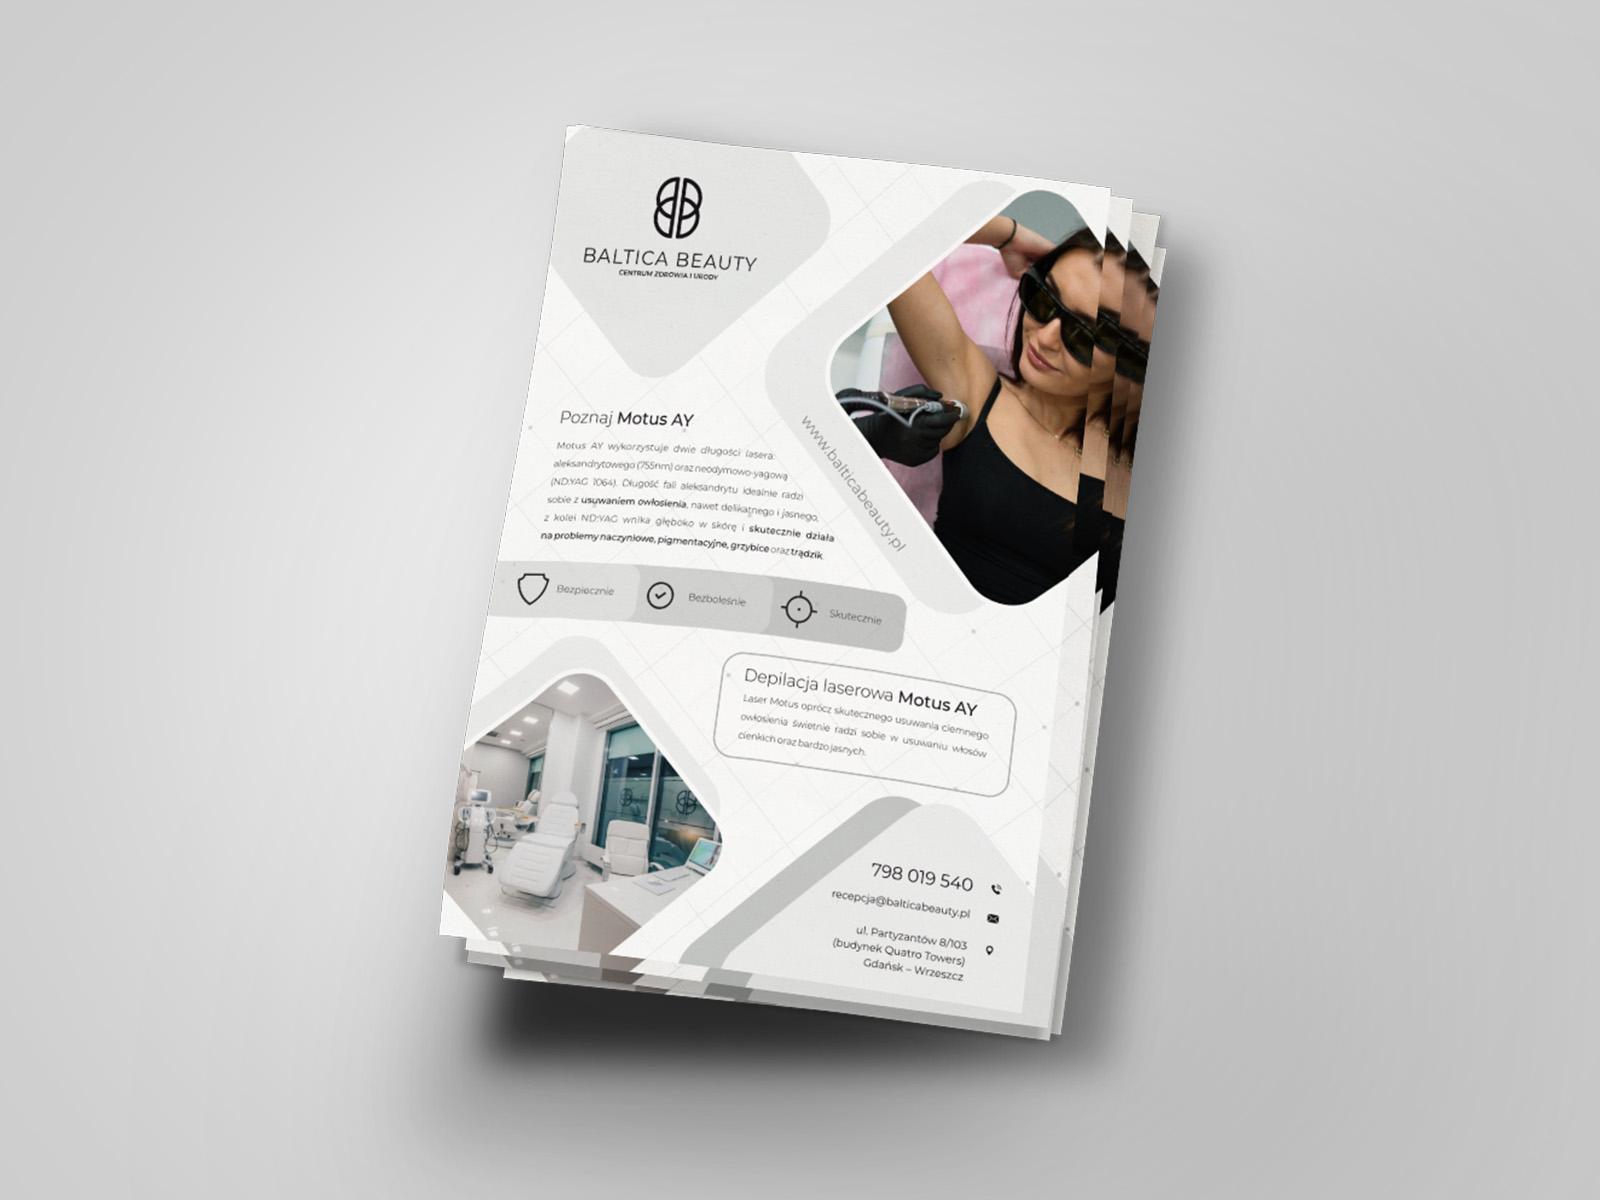 Projekt graficzny ulotki a5 dla firmy Baltica Beauty